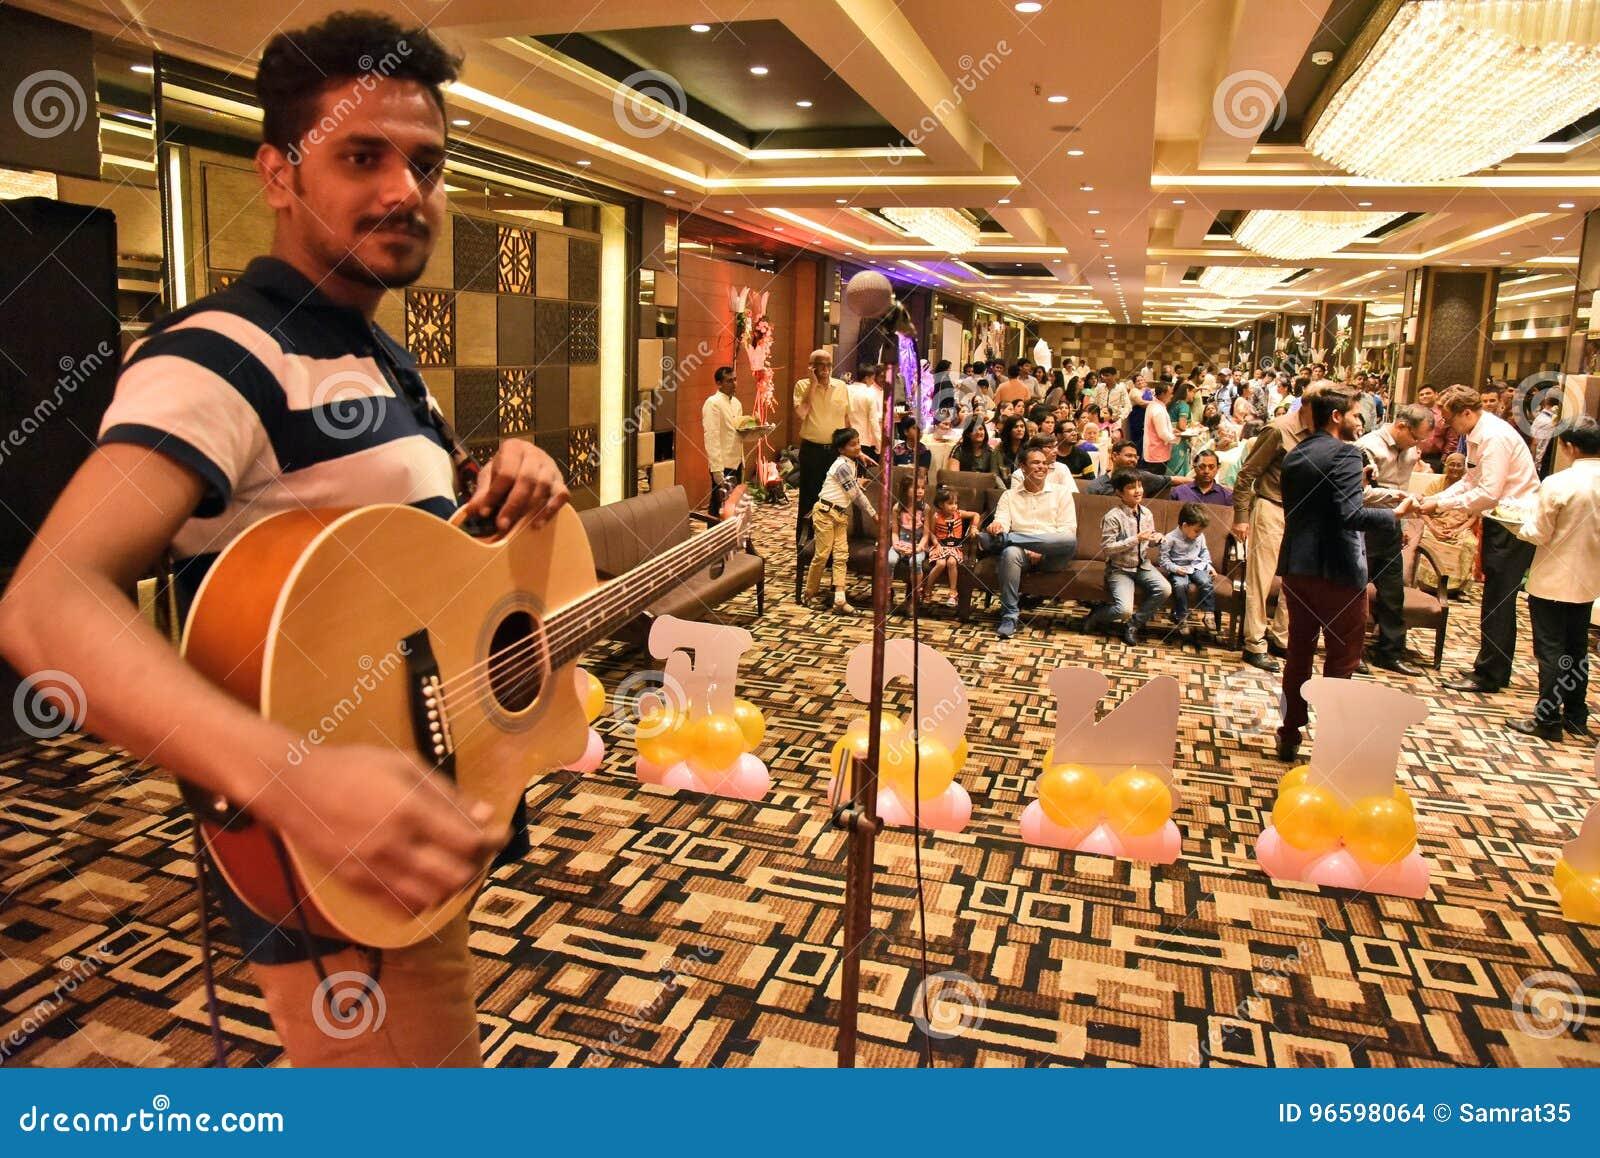 Den akustiska detaljgitarrgitarristen hands instrumant musikaliskt leka för aktör